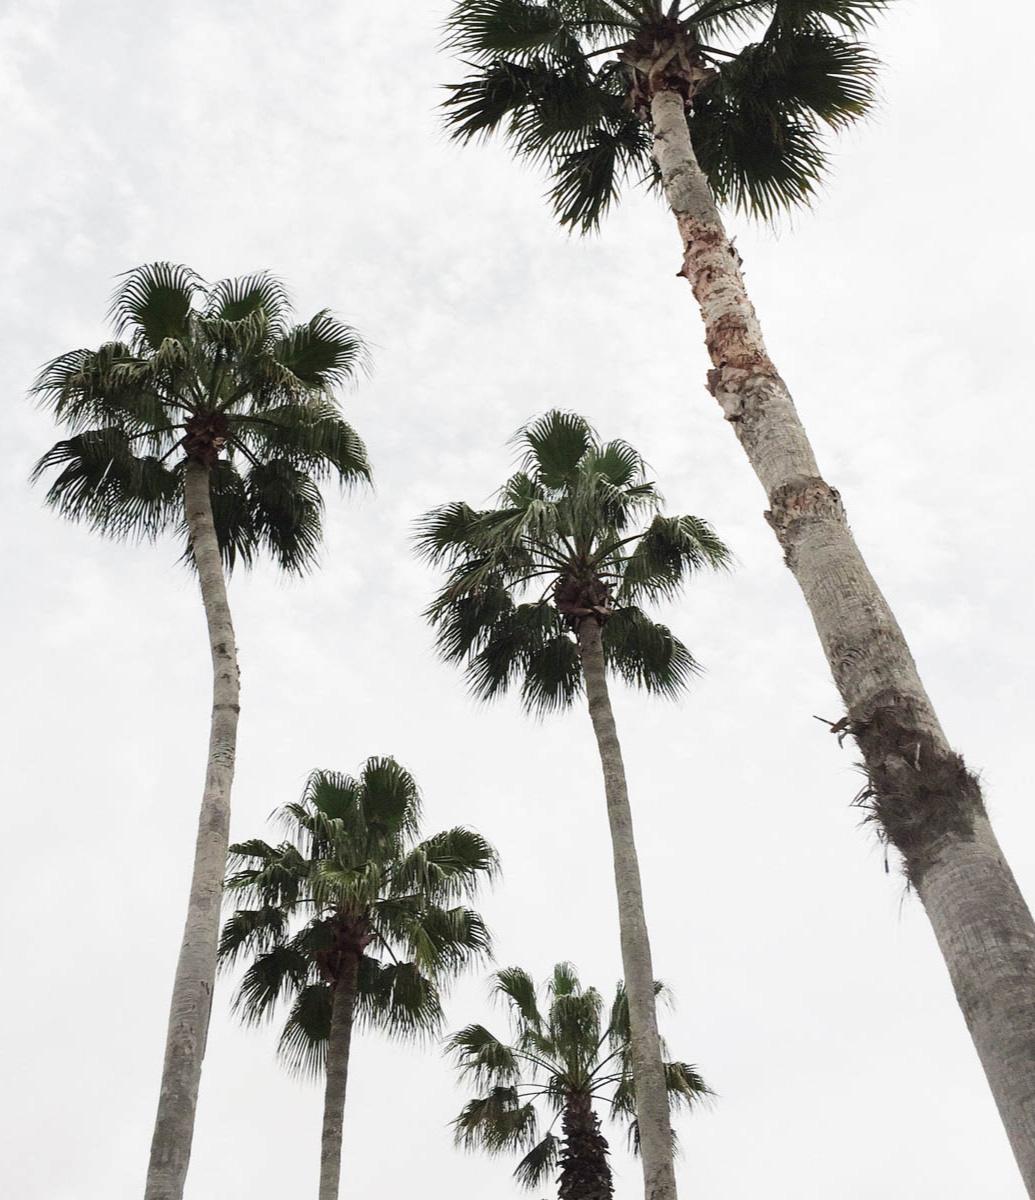 3-upward-view-tall-palm-trees.jpg